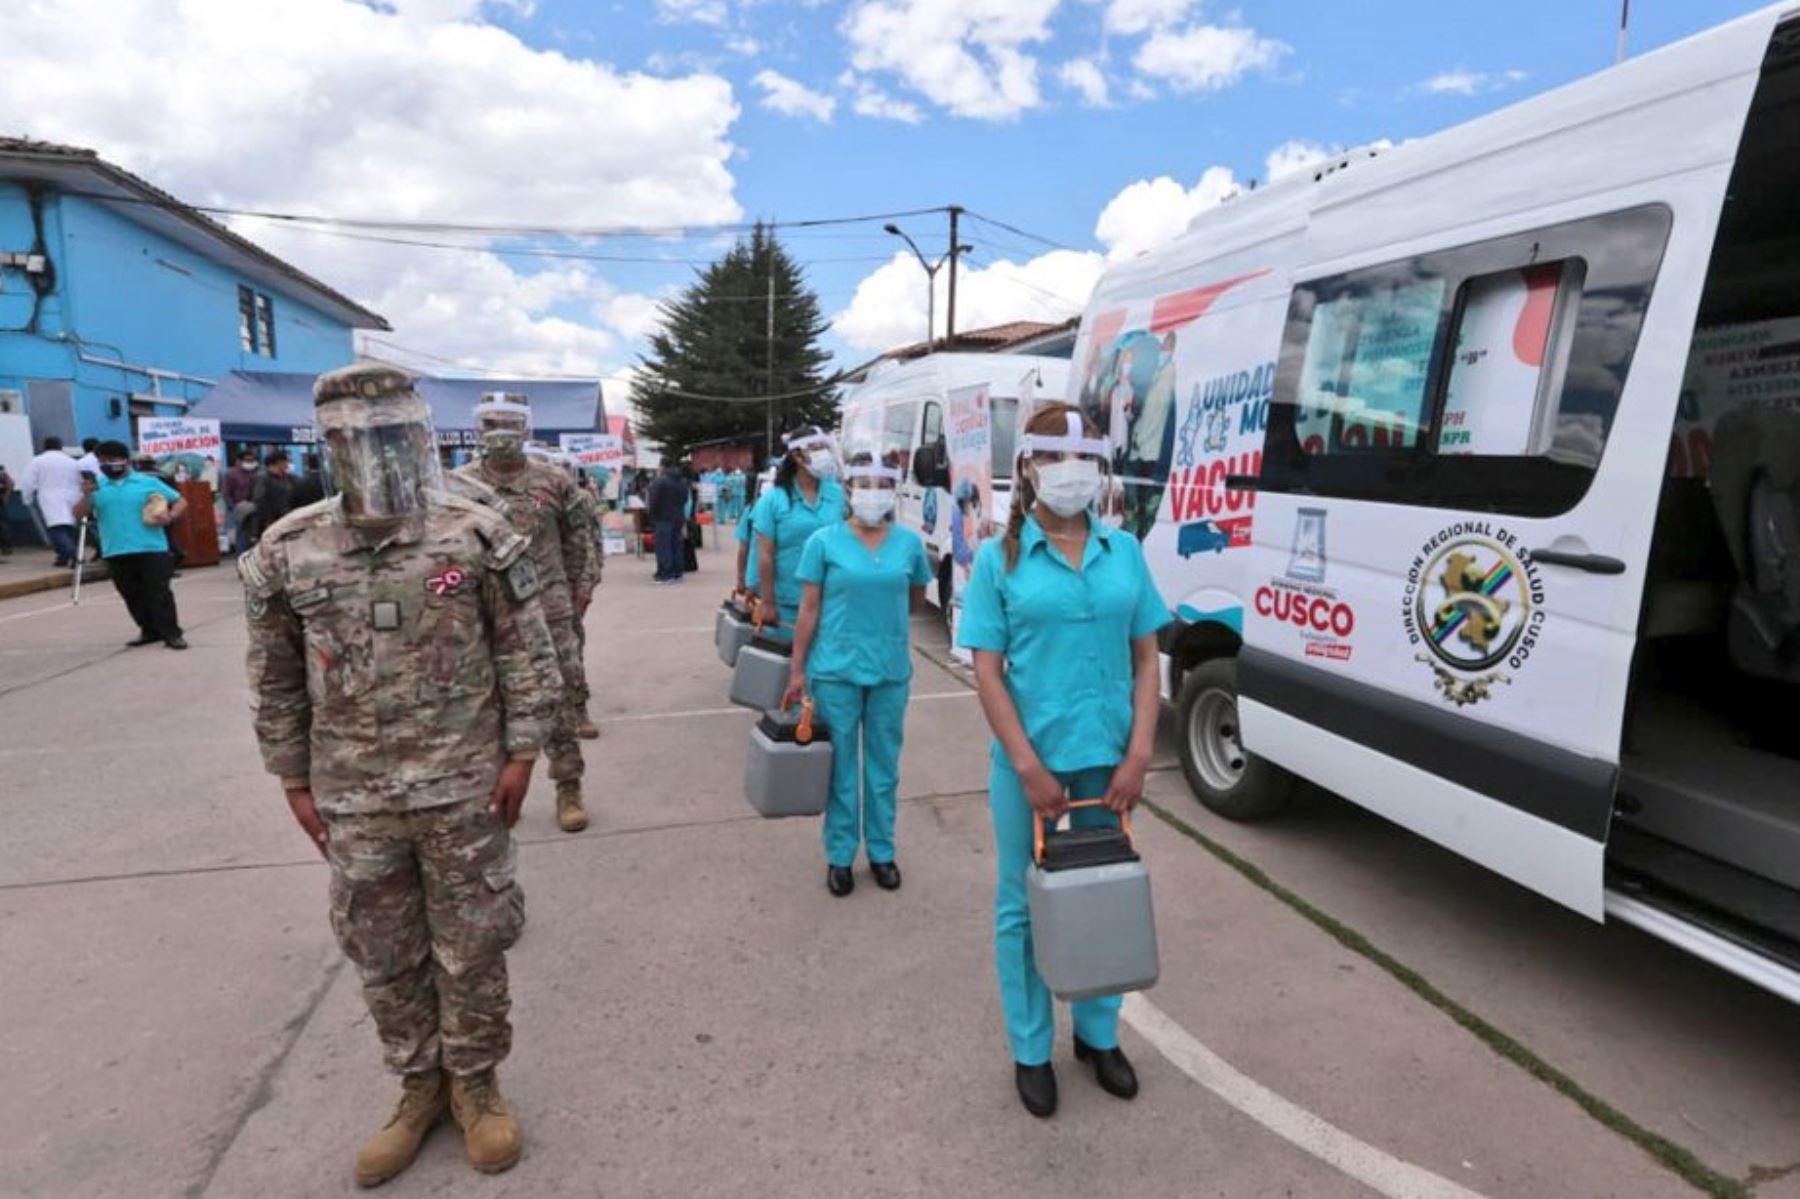 """El Minsa y la Diresa Cusco lanzan la actividad  """"Vacuna Móvil Regional"""", compuesto por unidades móviles de vacunación que trasladarán a las brigadas para inmunizar a la población que habita en lugares alejados. Foto: Minsa"""